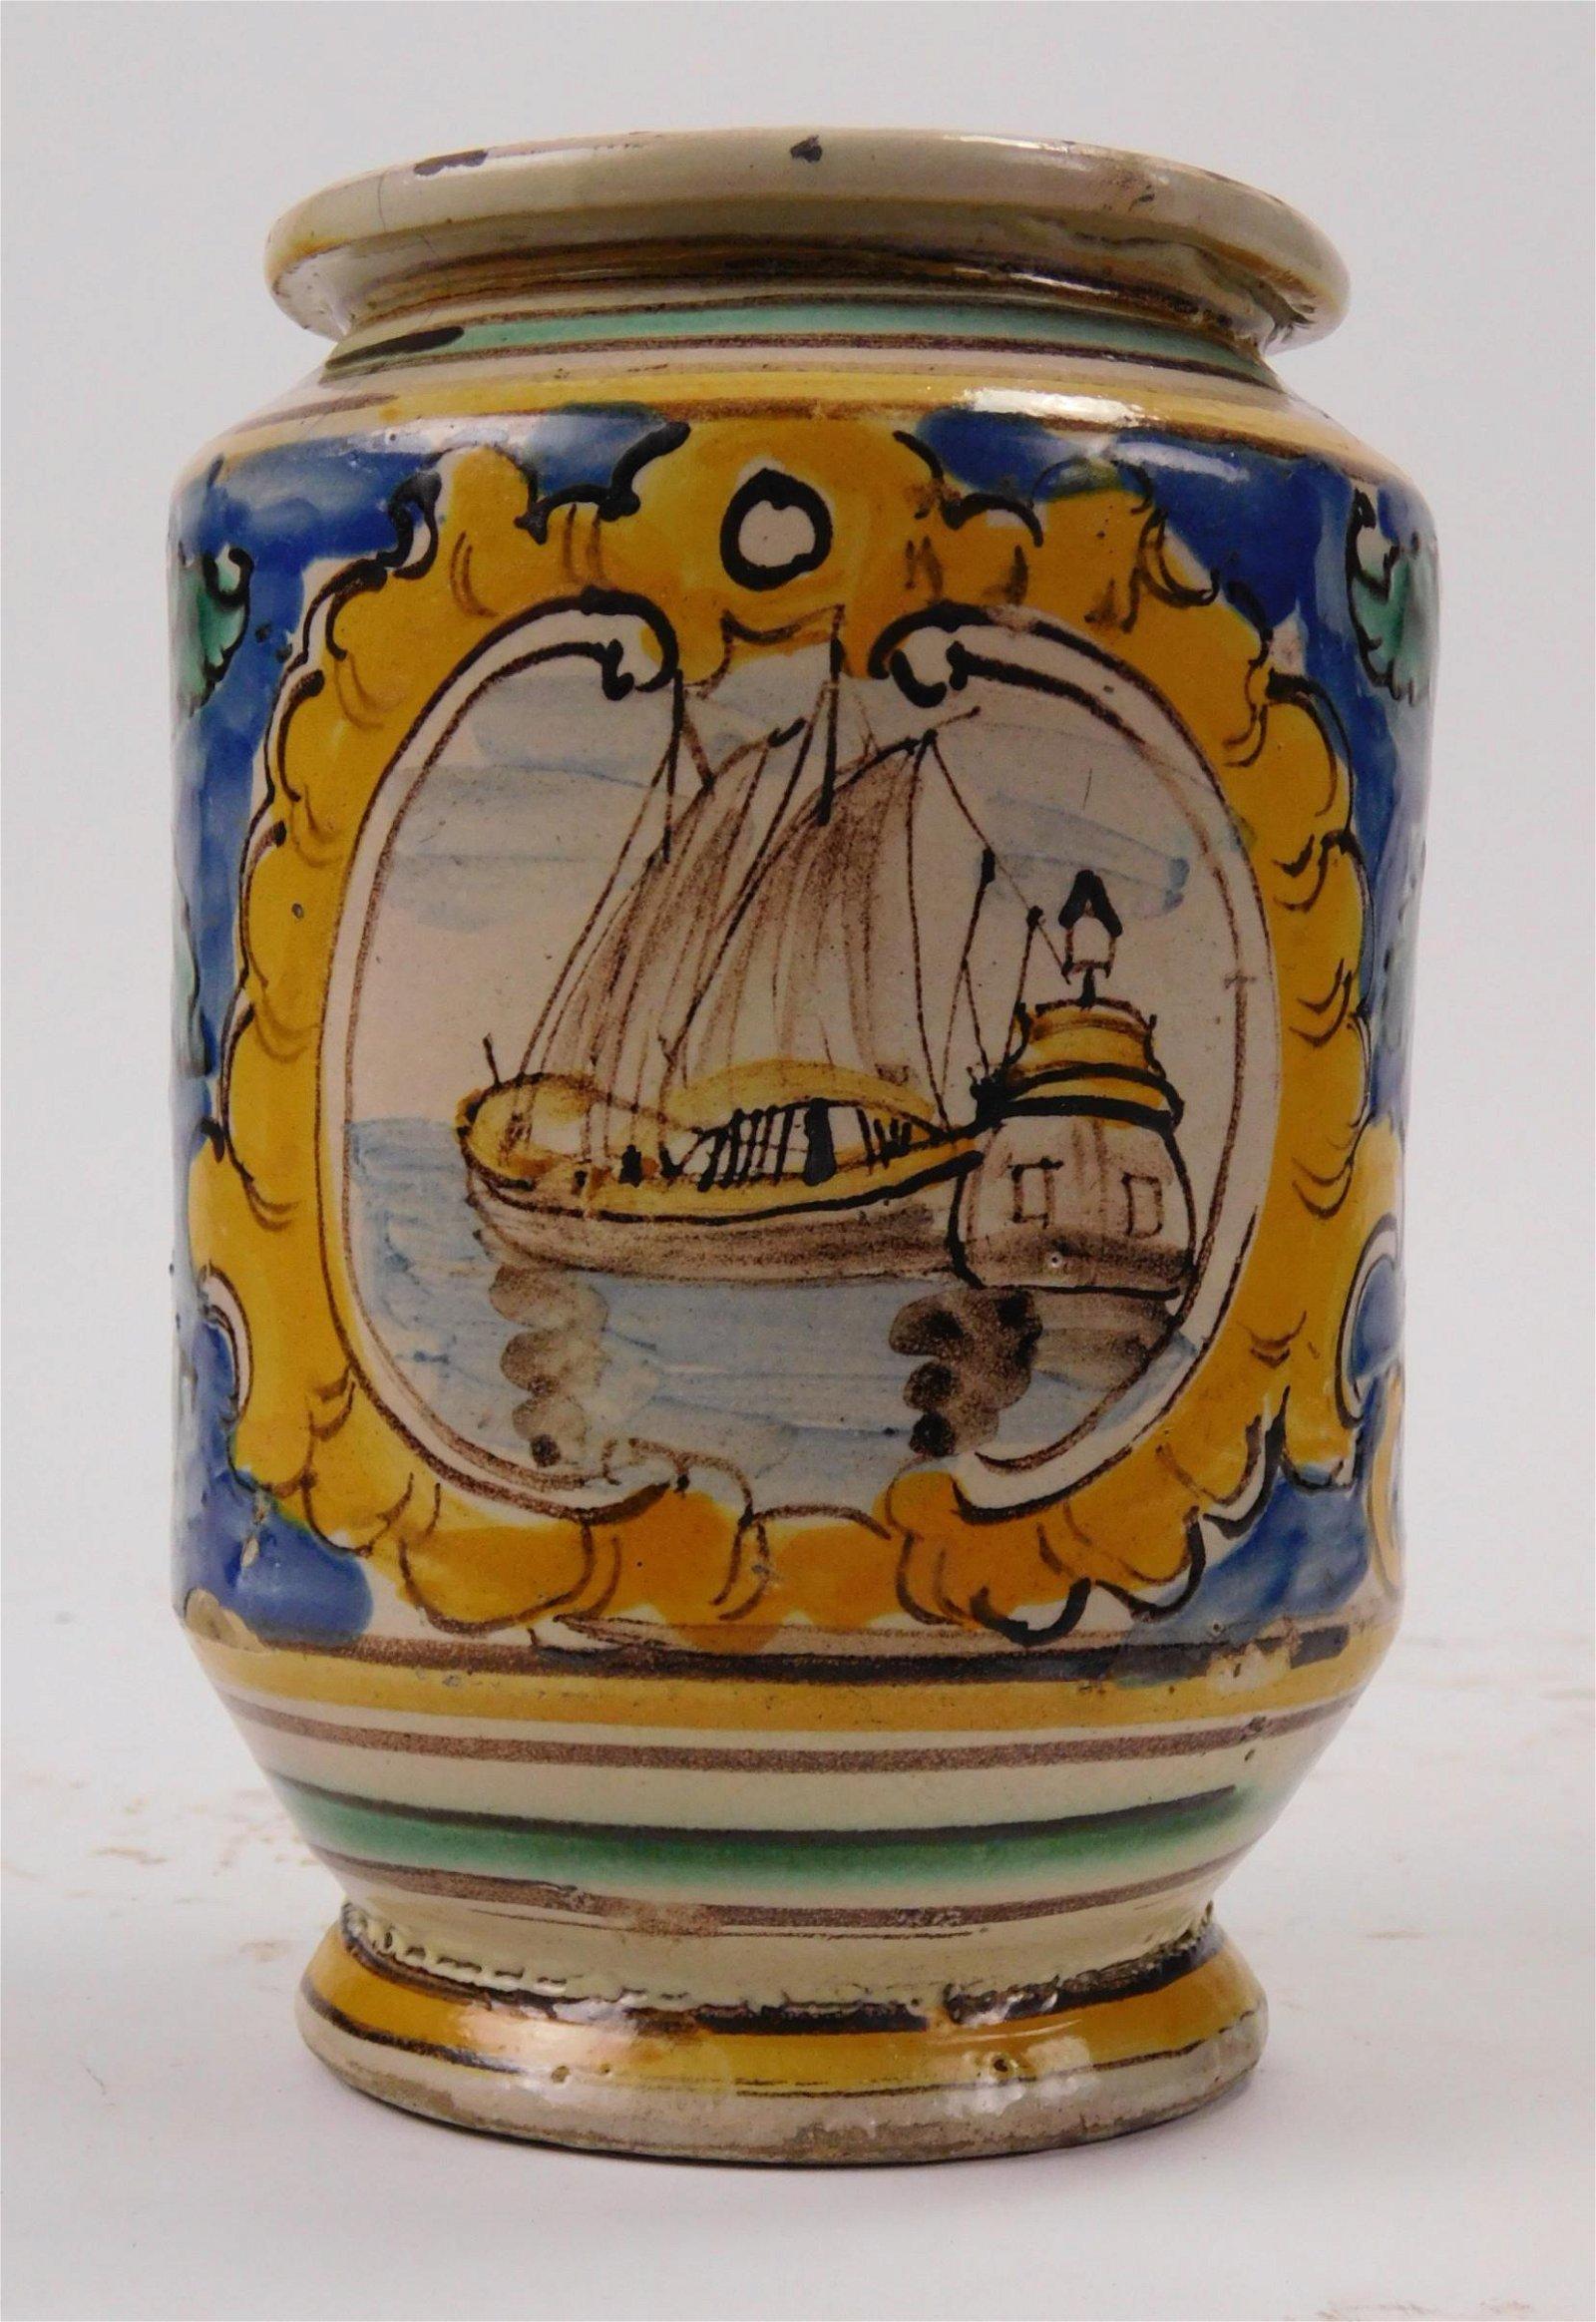 19th c. Italian Majolica jar